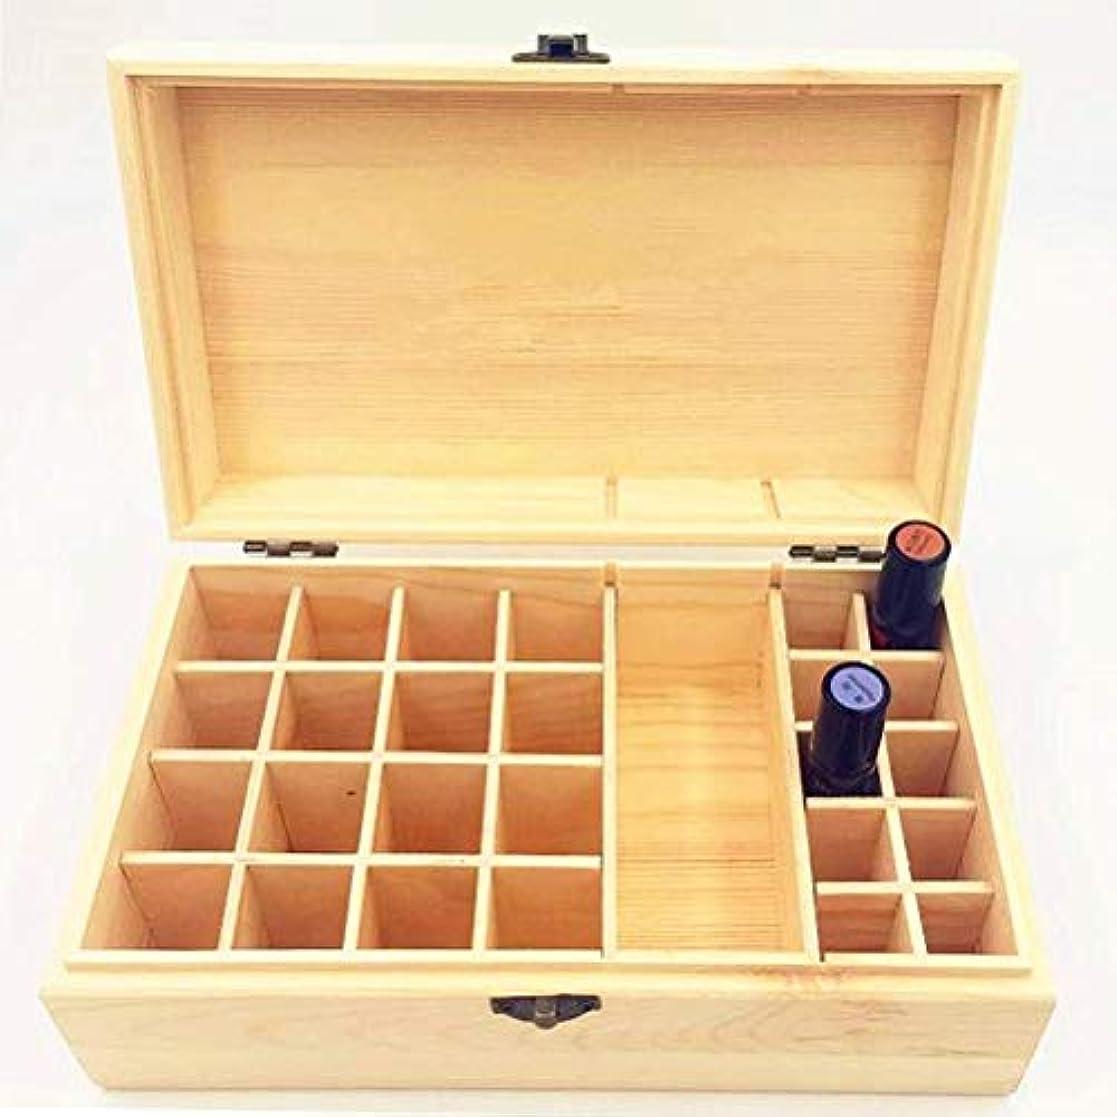 包帯国歌スプレーTINKSKY アロマケース エッセンシャルオイルケース 木製 精油ケース 精油収納 仕切りボックス 32本収納 仕切り板が取り出し可